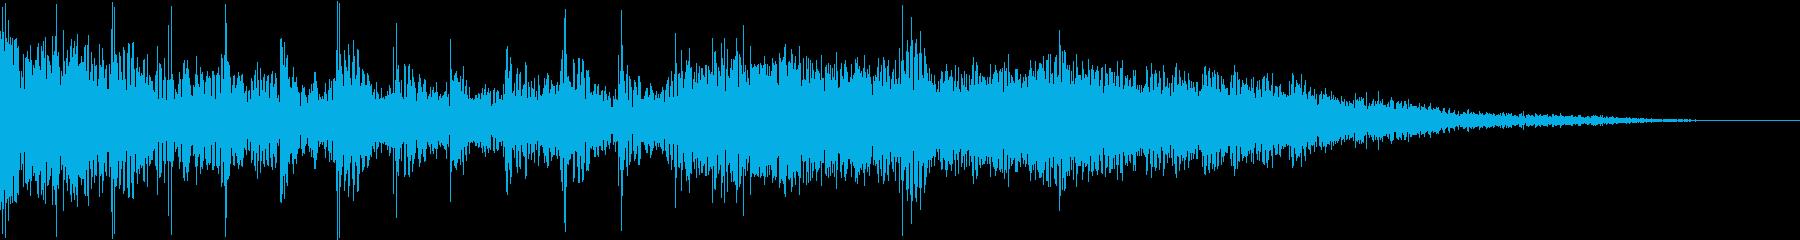 メタル風のギター早弾きジングルの再生済みの波形